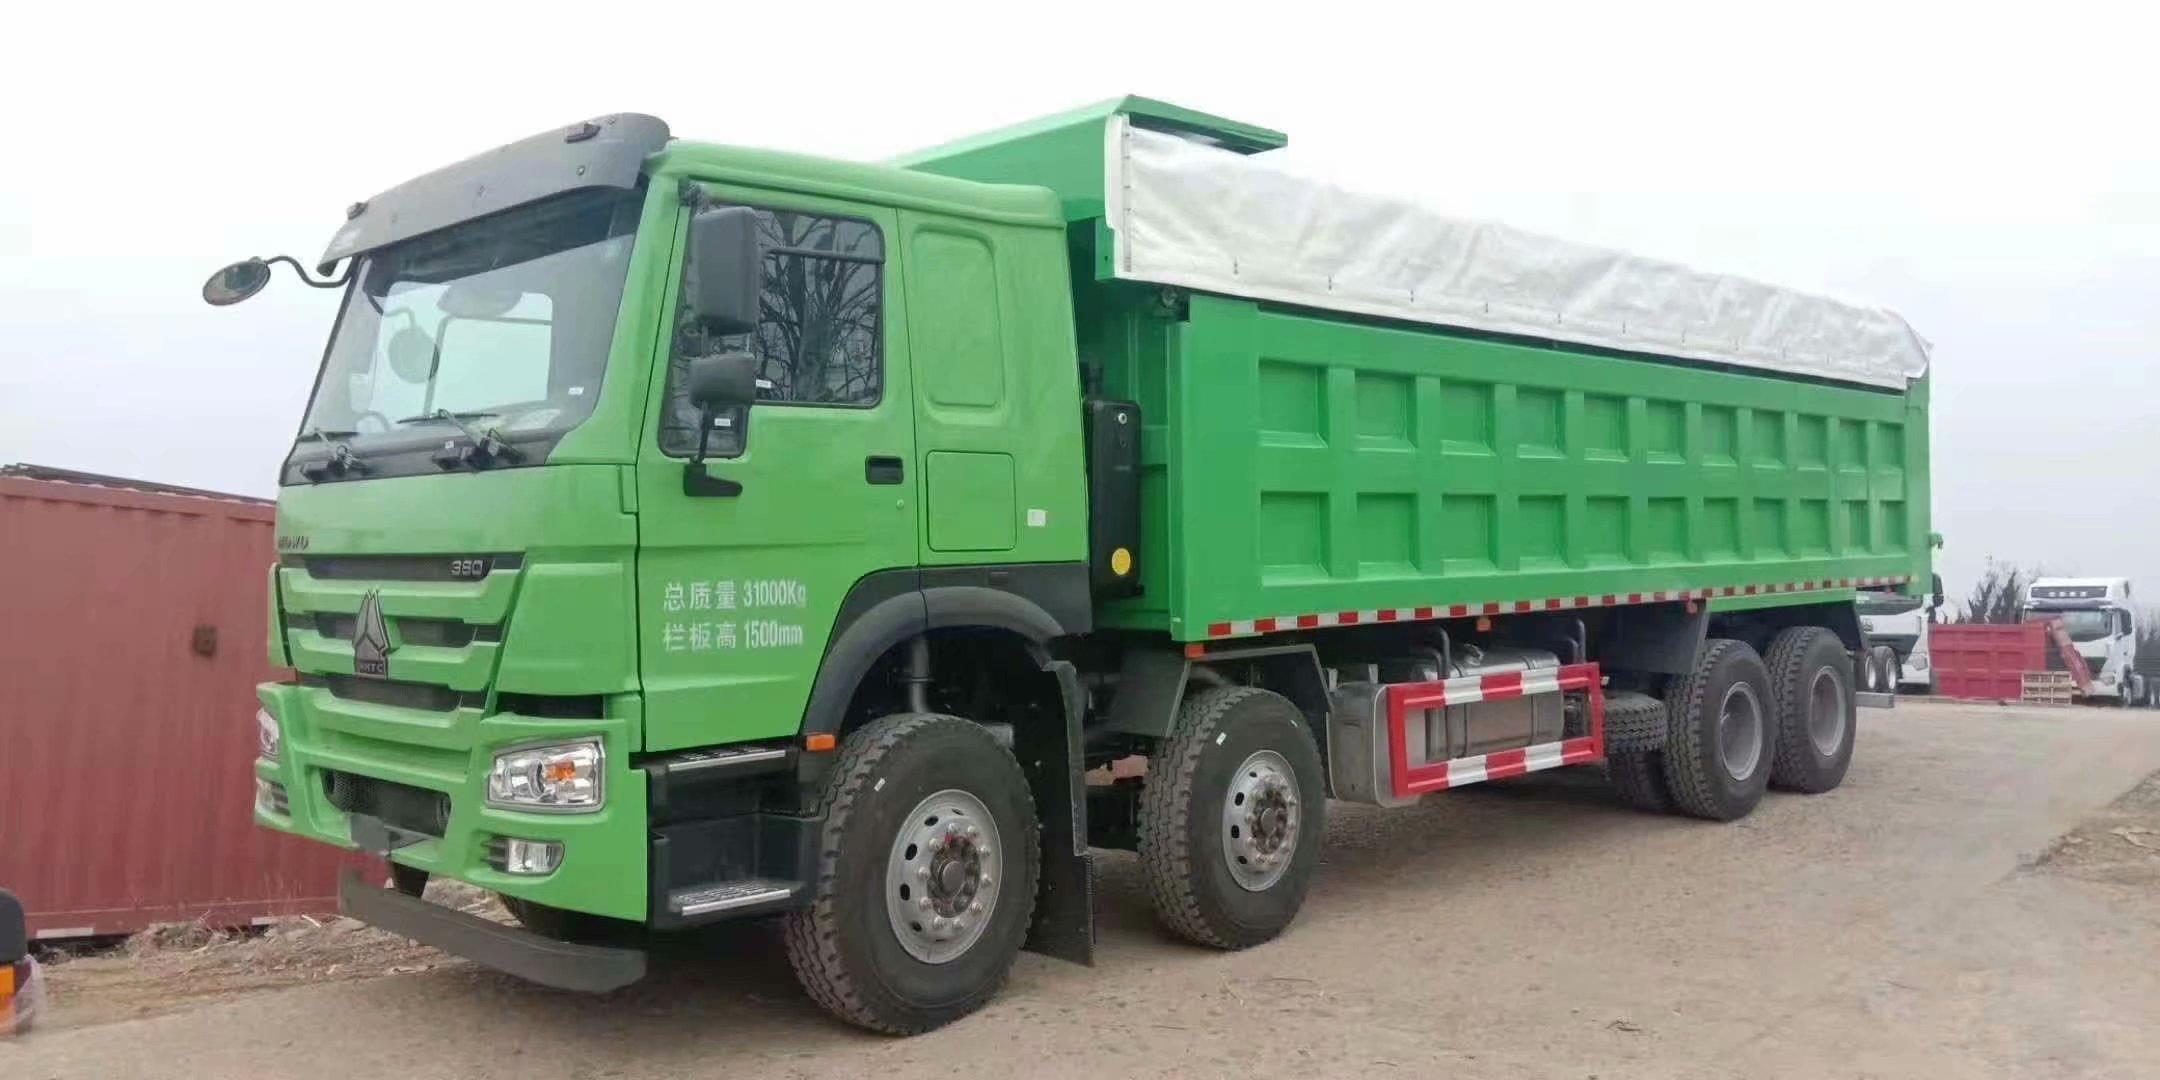 HOWO綠色 380馬力 7.8米帶篷布